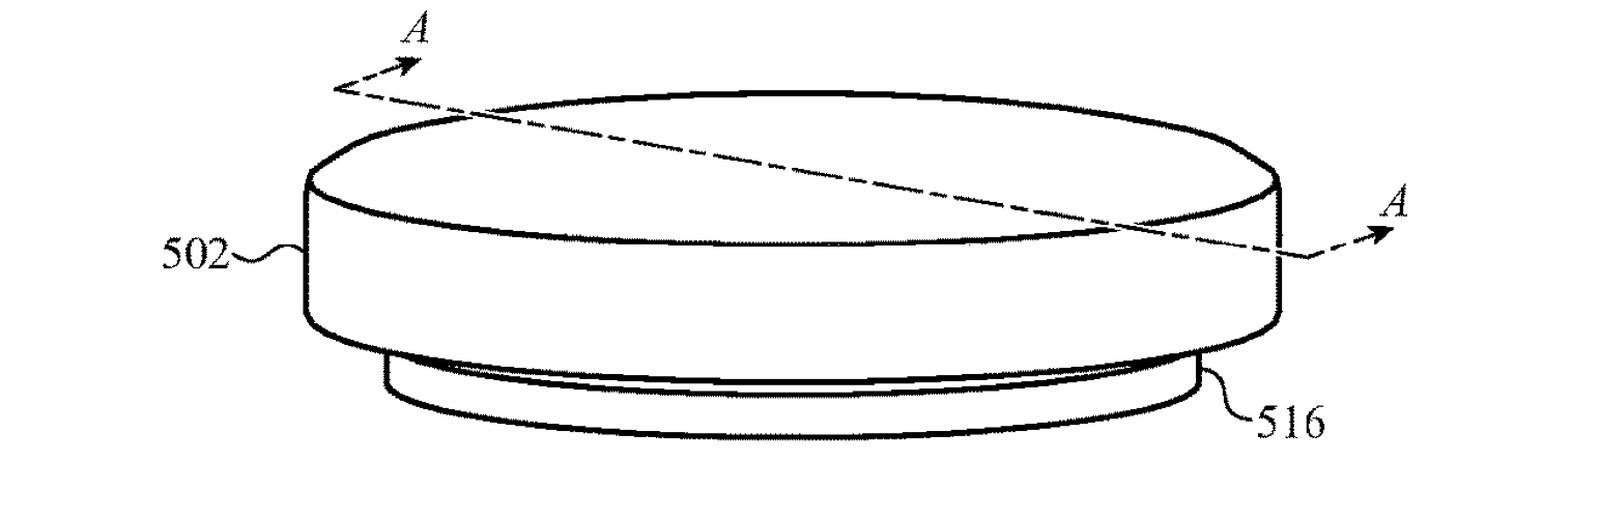 Gli AirTag di Apple appaiono in una richiesta di brevetto